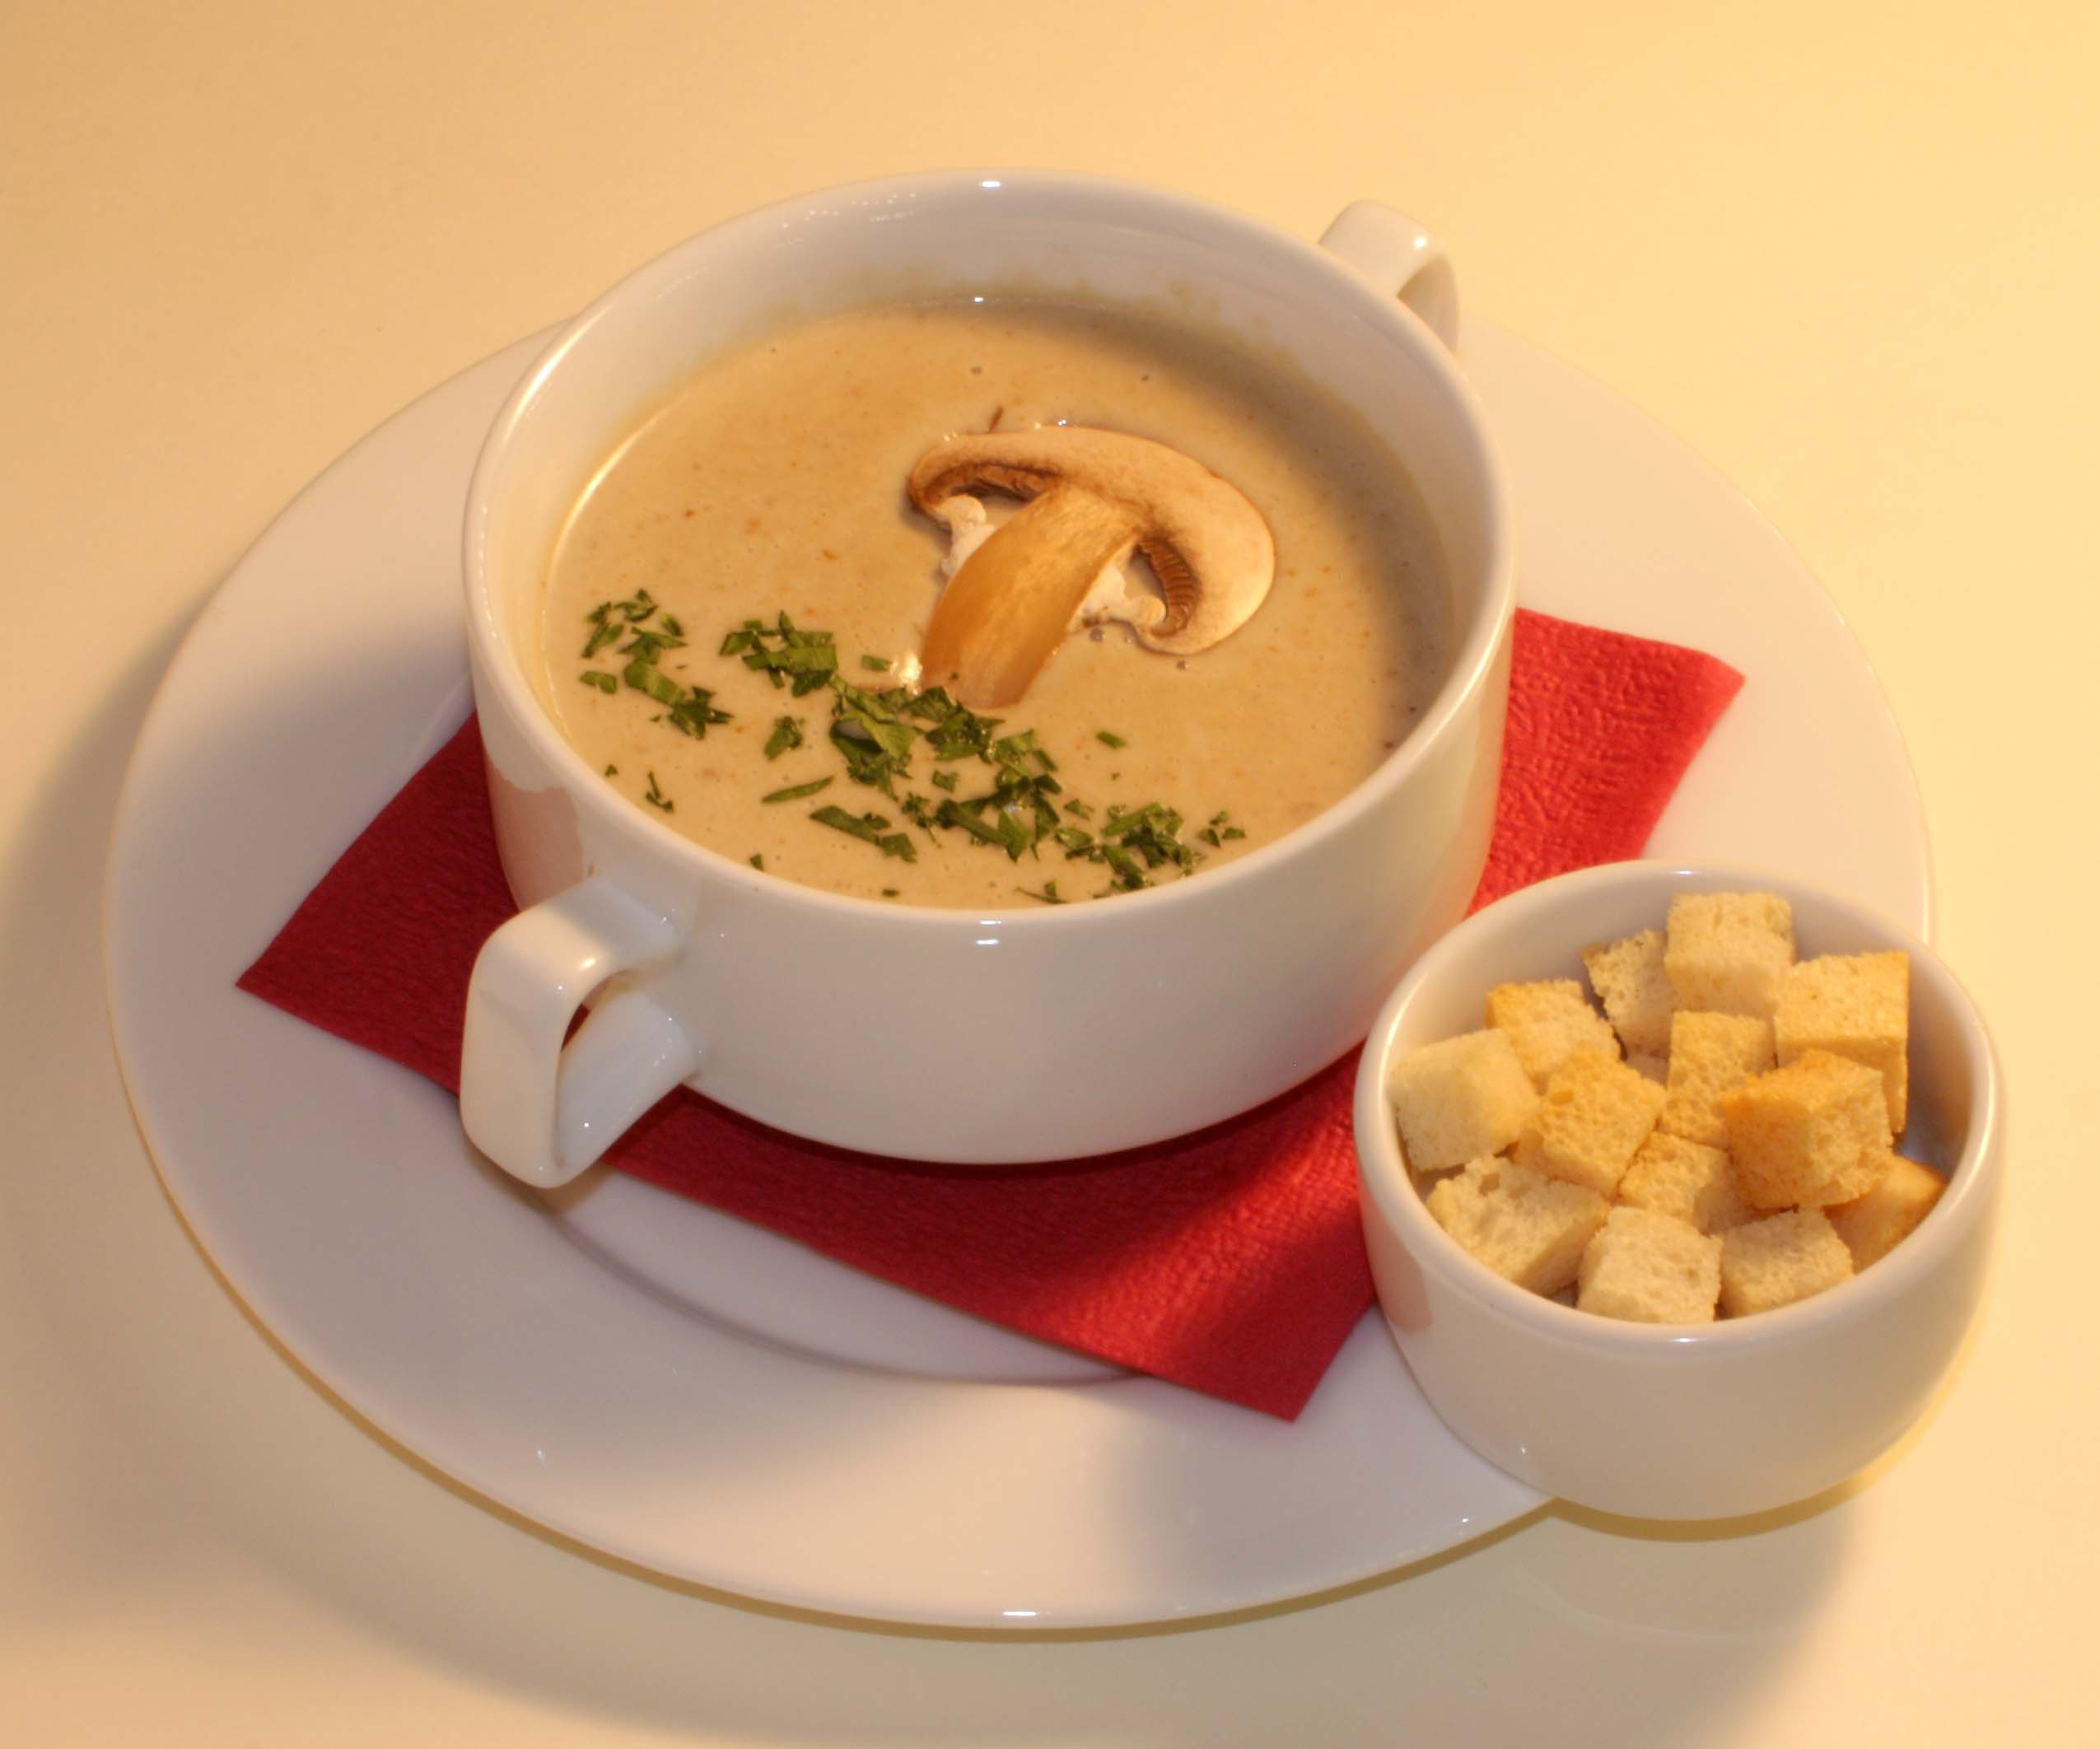 мультиварка рецепты суп грибной видео